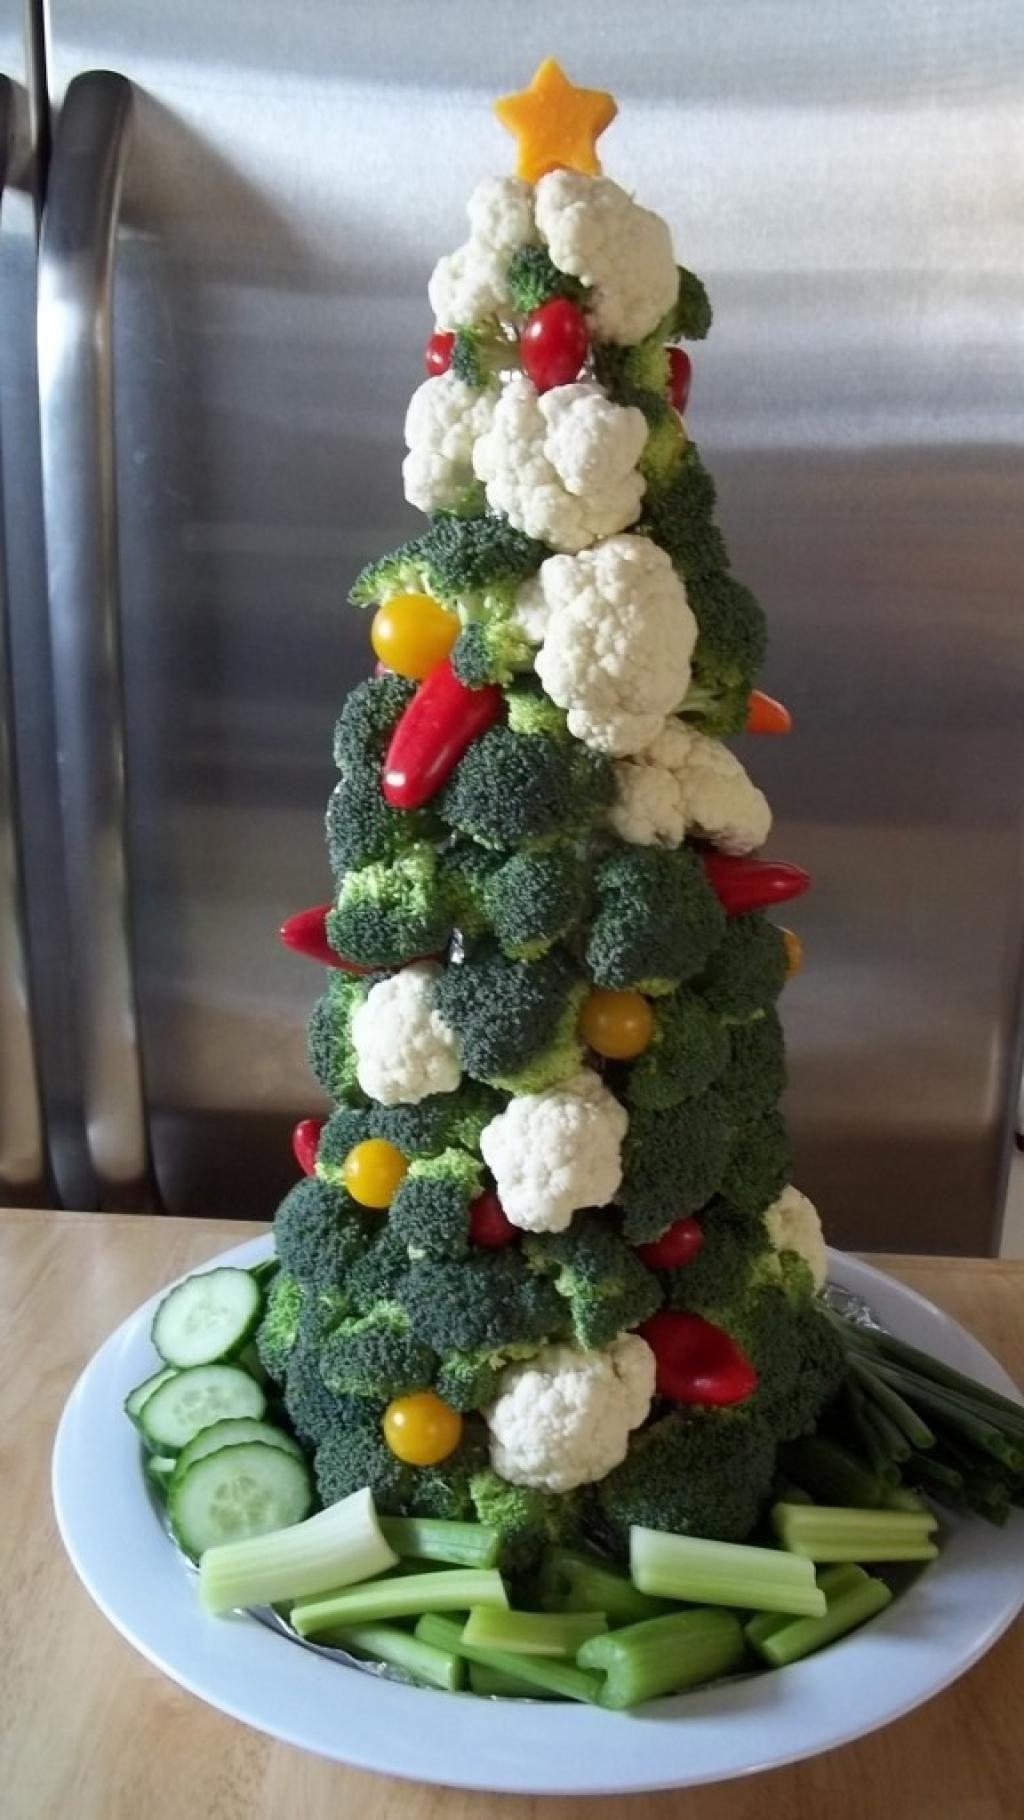 Image Ou Photo De Noel.Plus De 30 Plateaux De Fruits Et Legumes Pour Noel Design